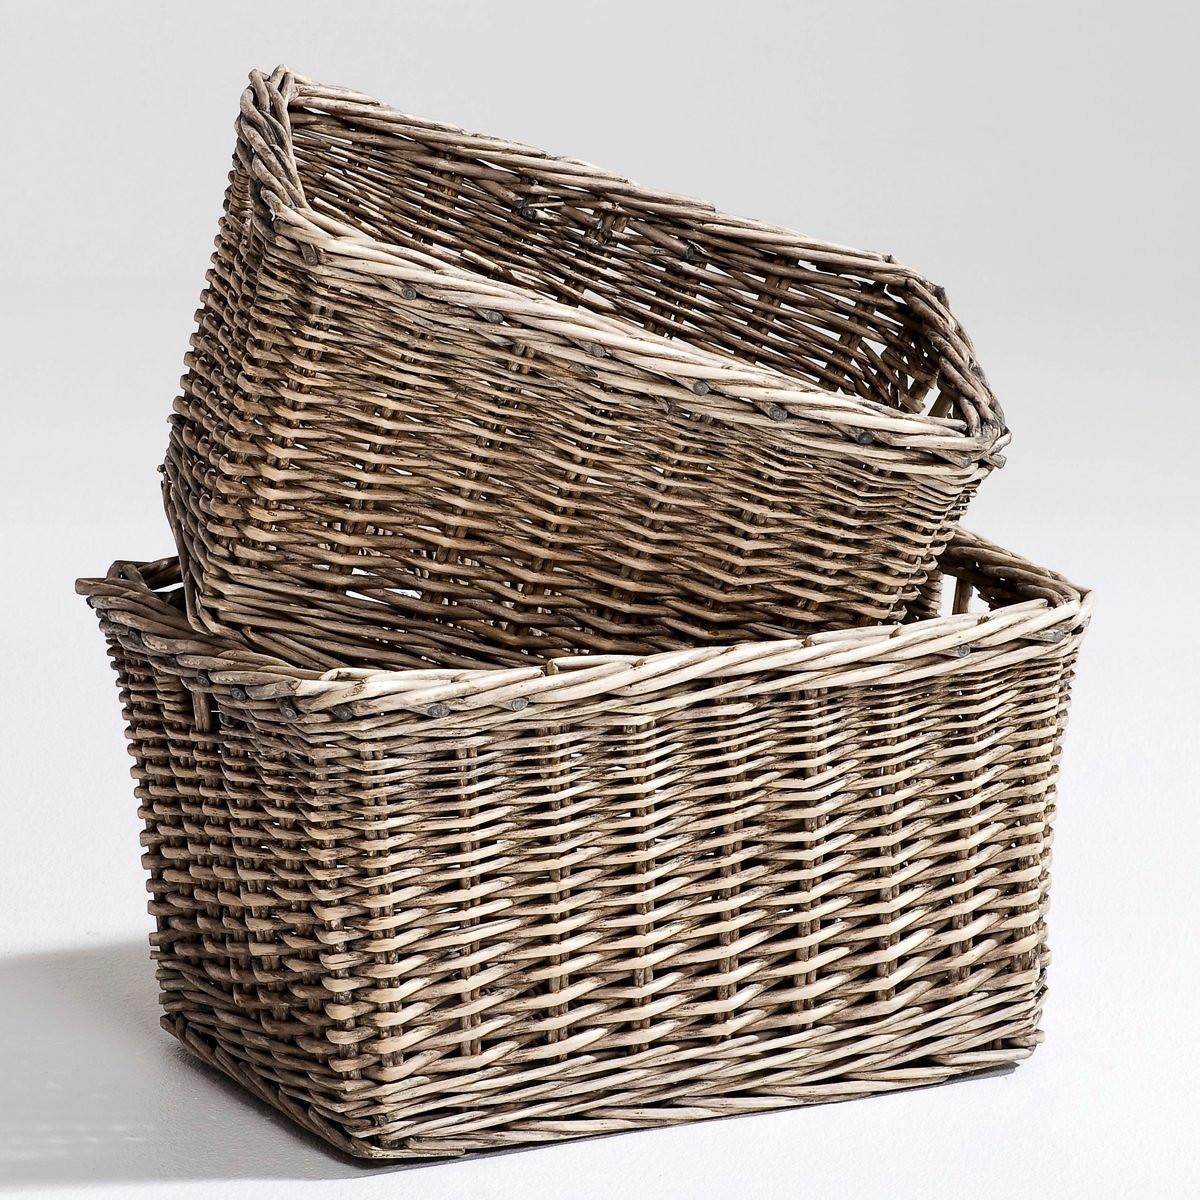 Набор LaRedoute Из 2 корзин из плетеного ротанга Semra единый размер каштановый